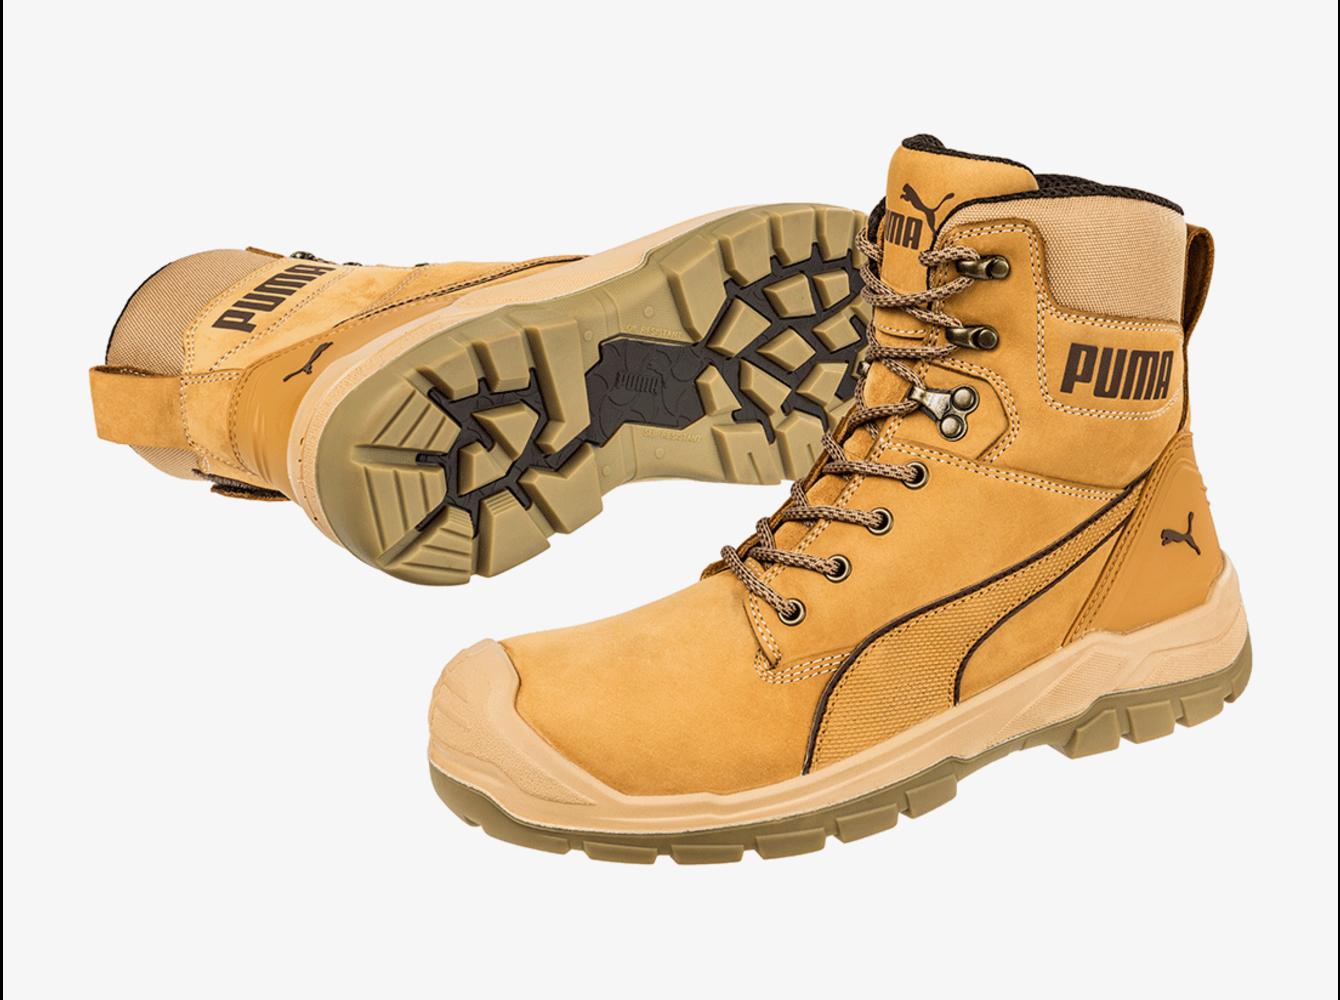 Puma 63.065.0 Conquest Wheat High S3